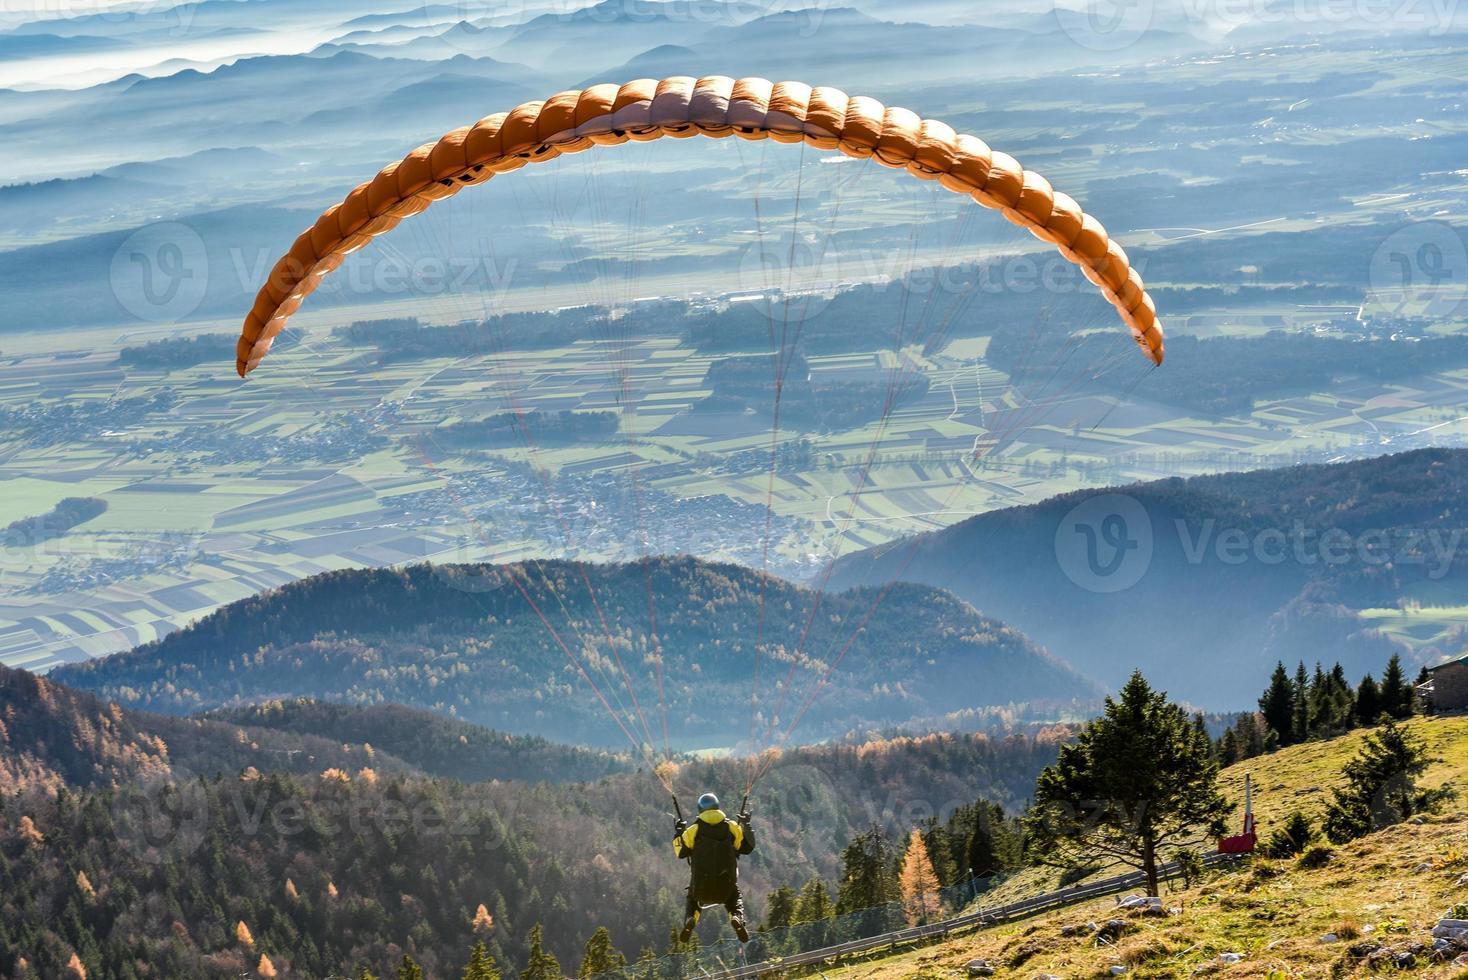 il parapendio sta volando nella valle foto